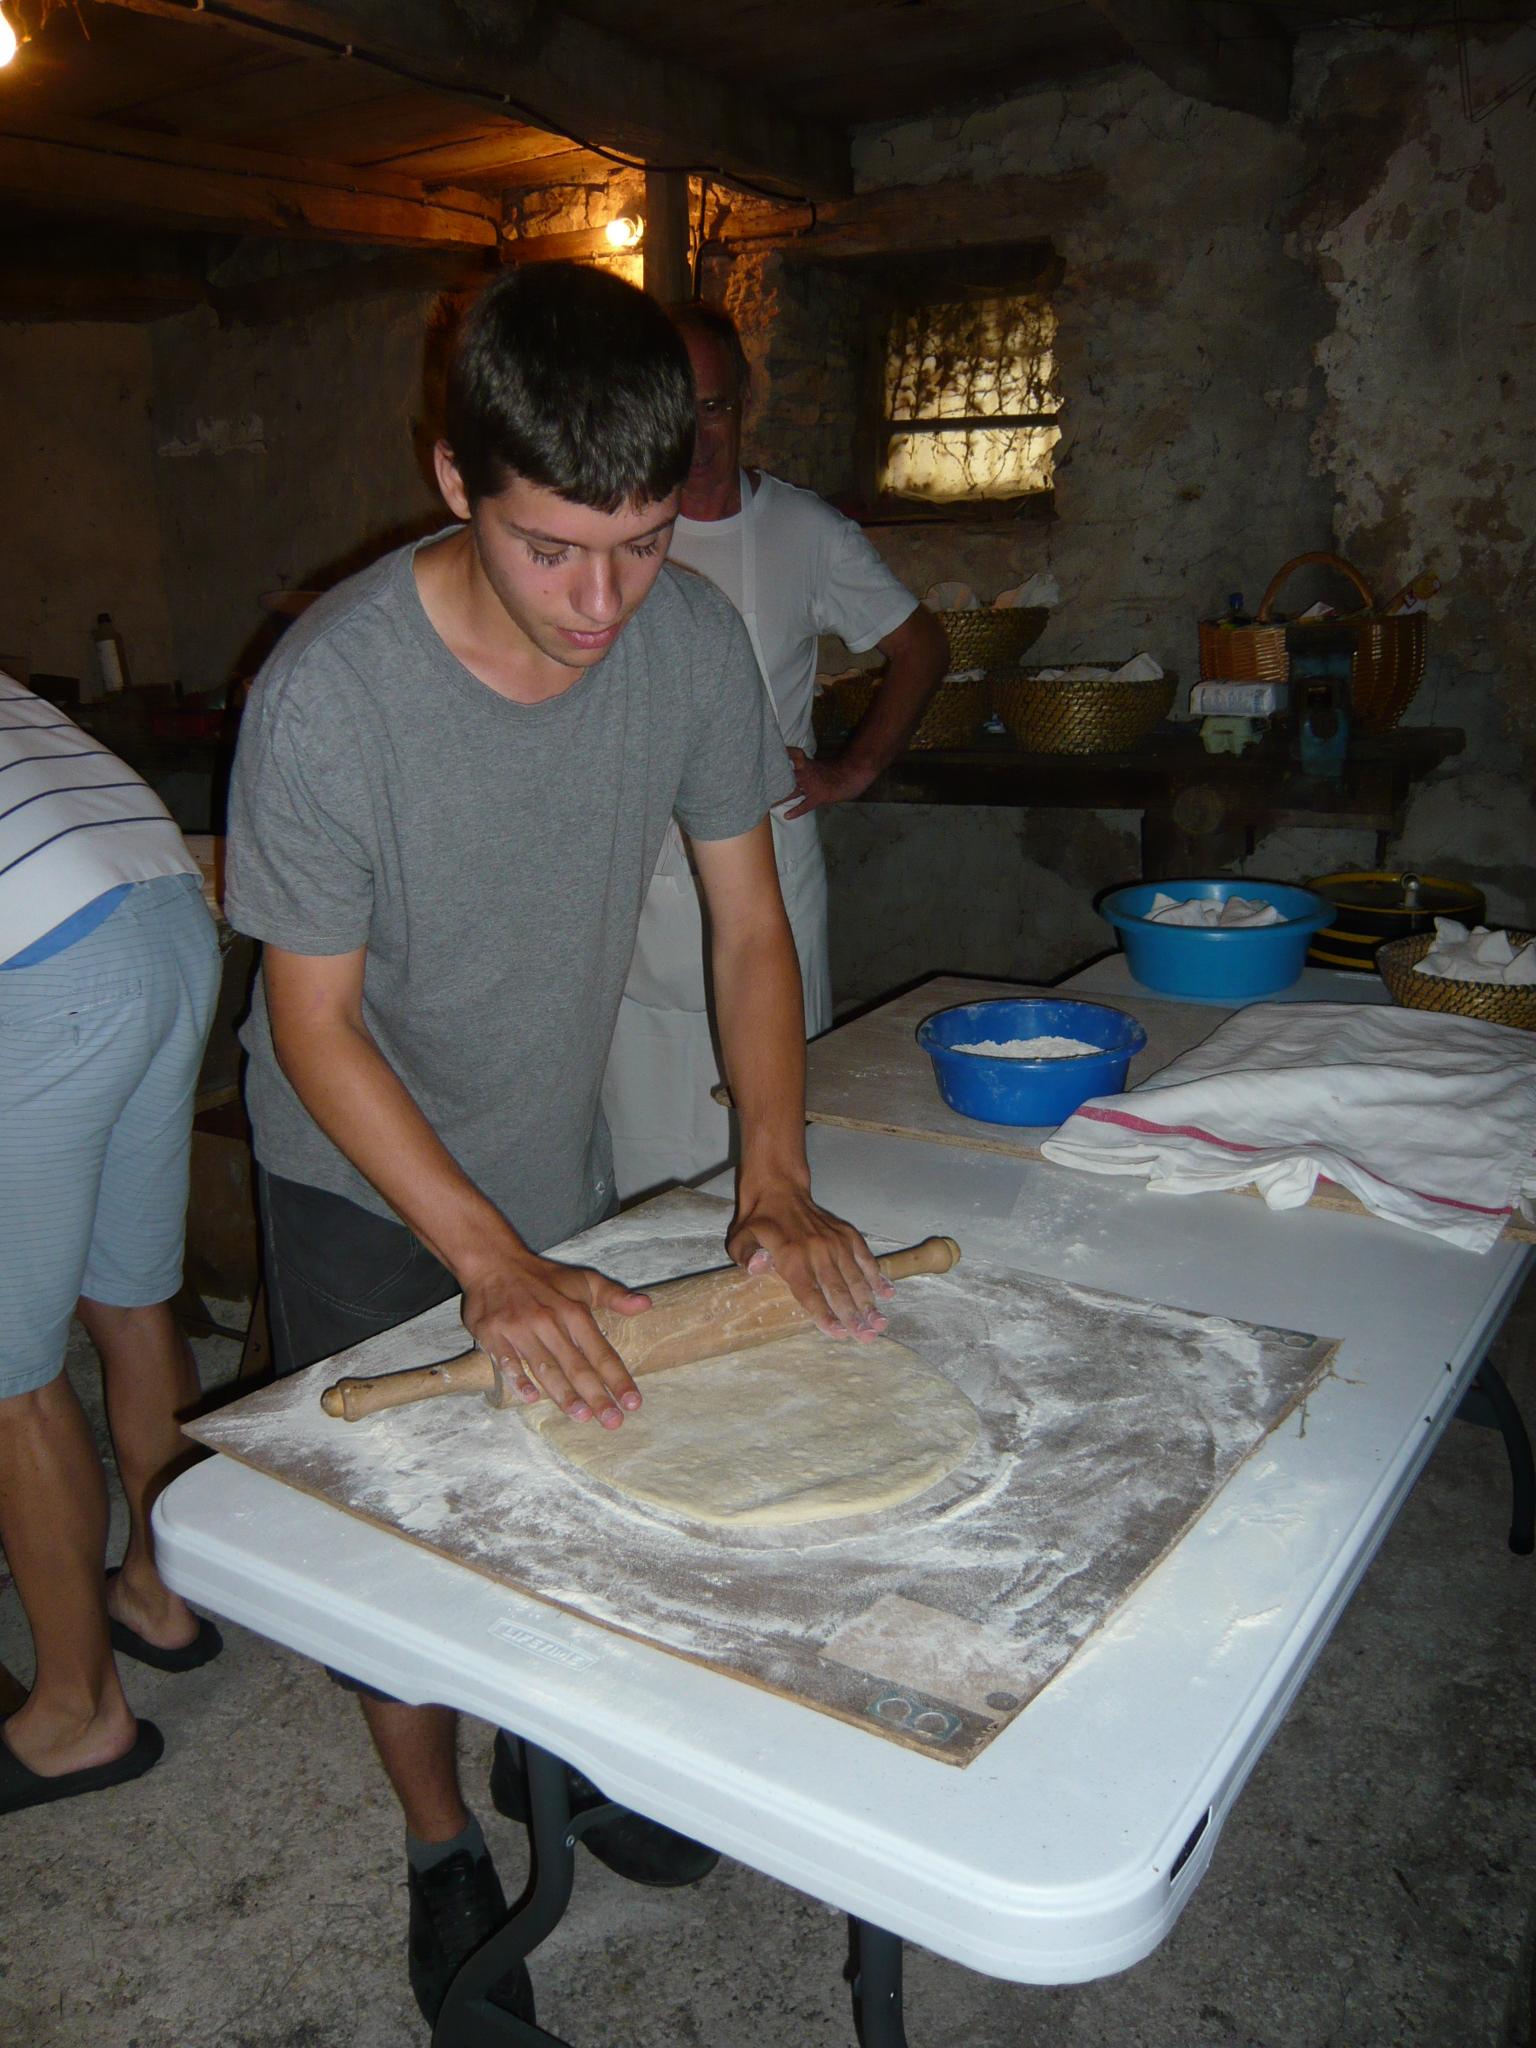 Les pâtons destinés à la pizza et à la pompe sont préparés